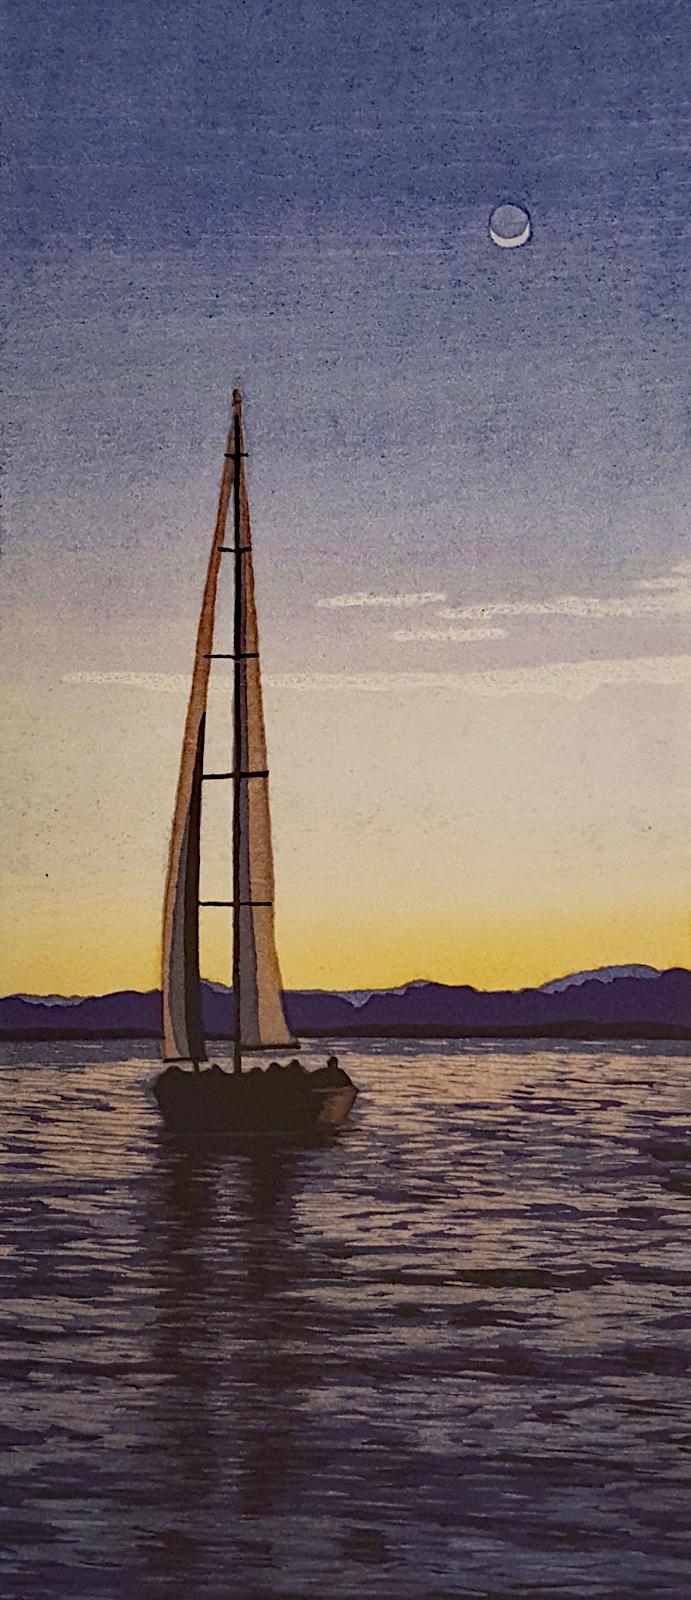 Sailing at Twilight